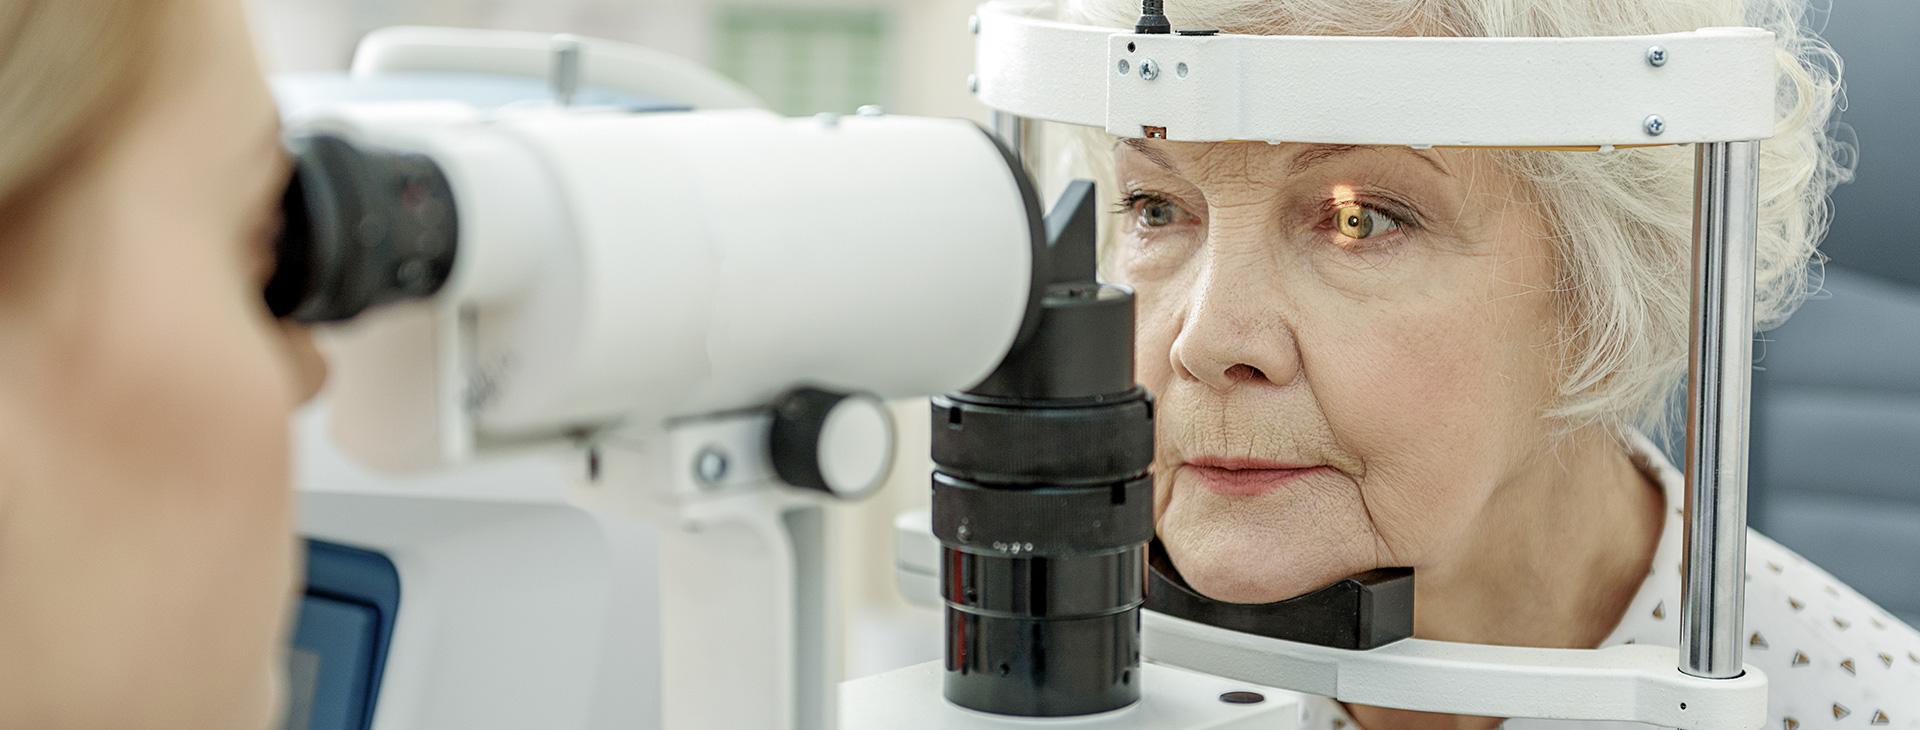 Quando é importante fazer um exame para avaliar o risco de glaucoma?